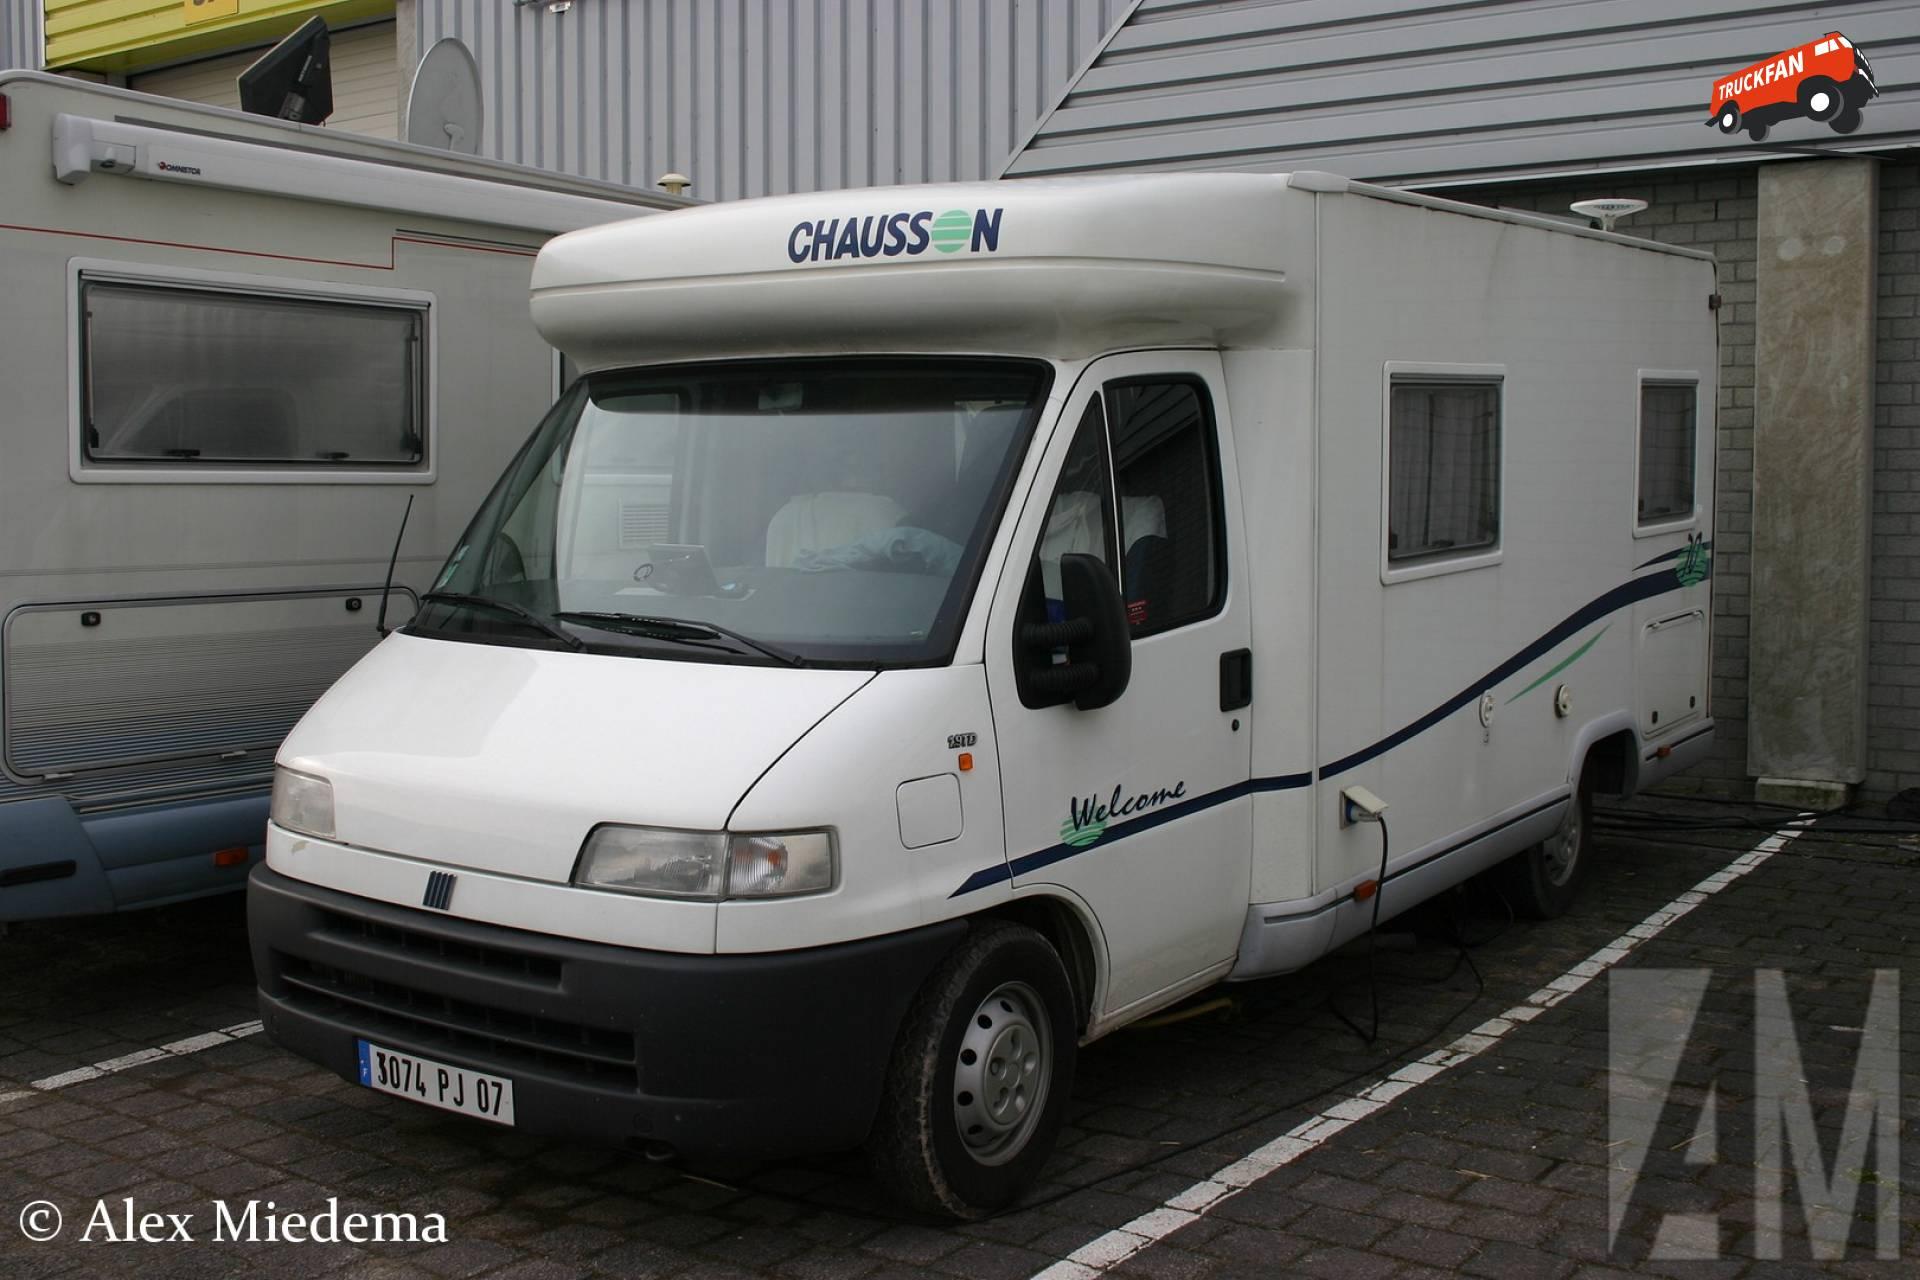 Chausson camper